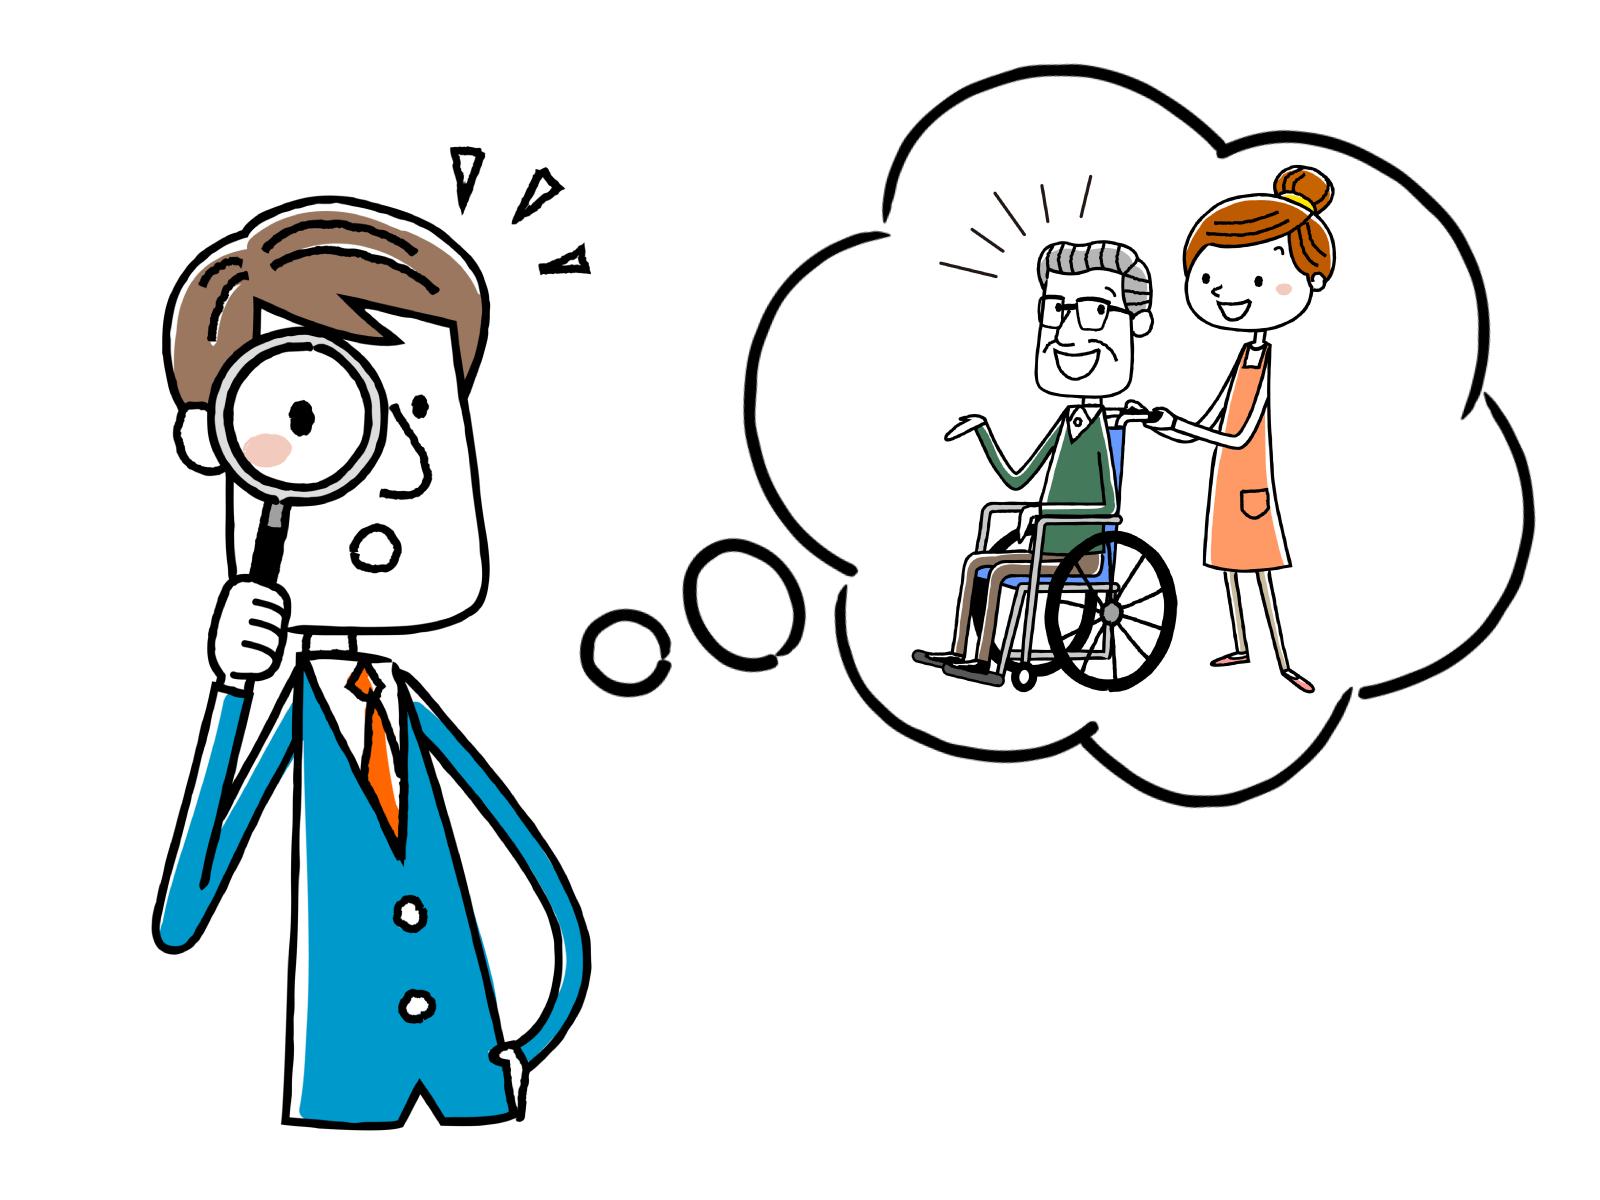 福祉用具の使用方法、選び方のアドバイスのイメージイラスト